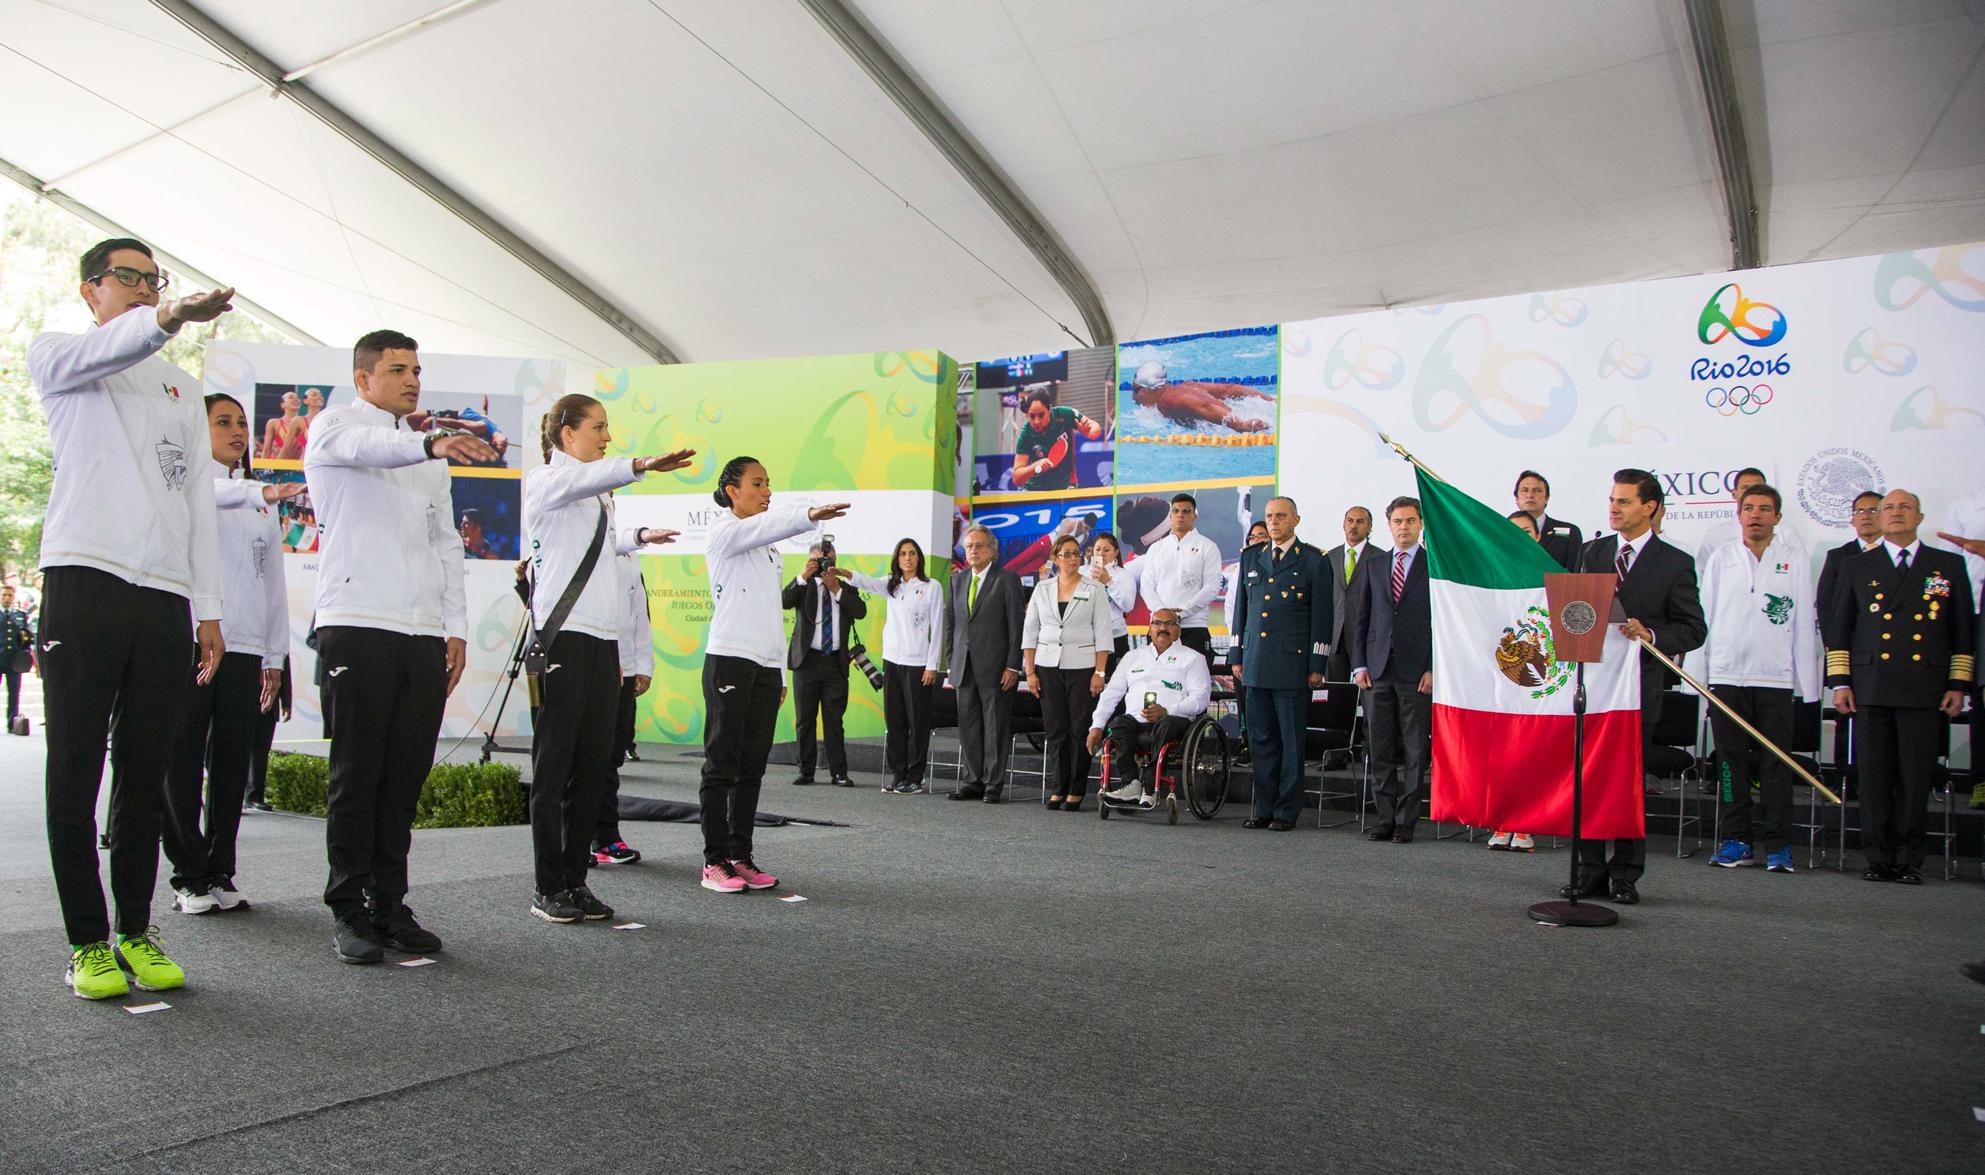 Confió en que los deportistas pondrán muy en alto el nombre de México durante la justa deportiva.